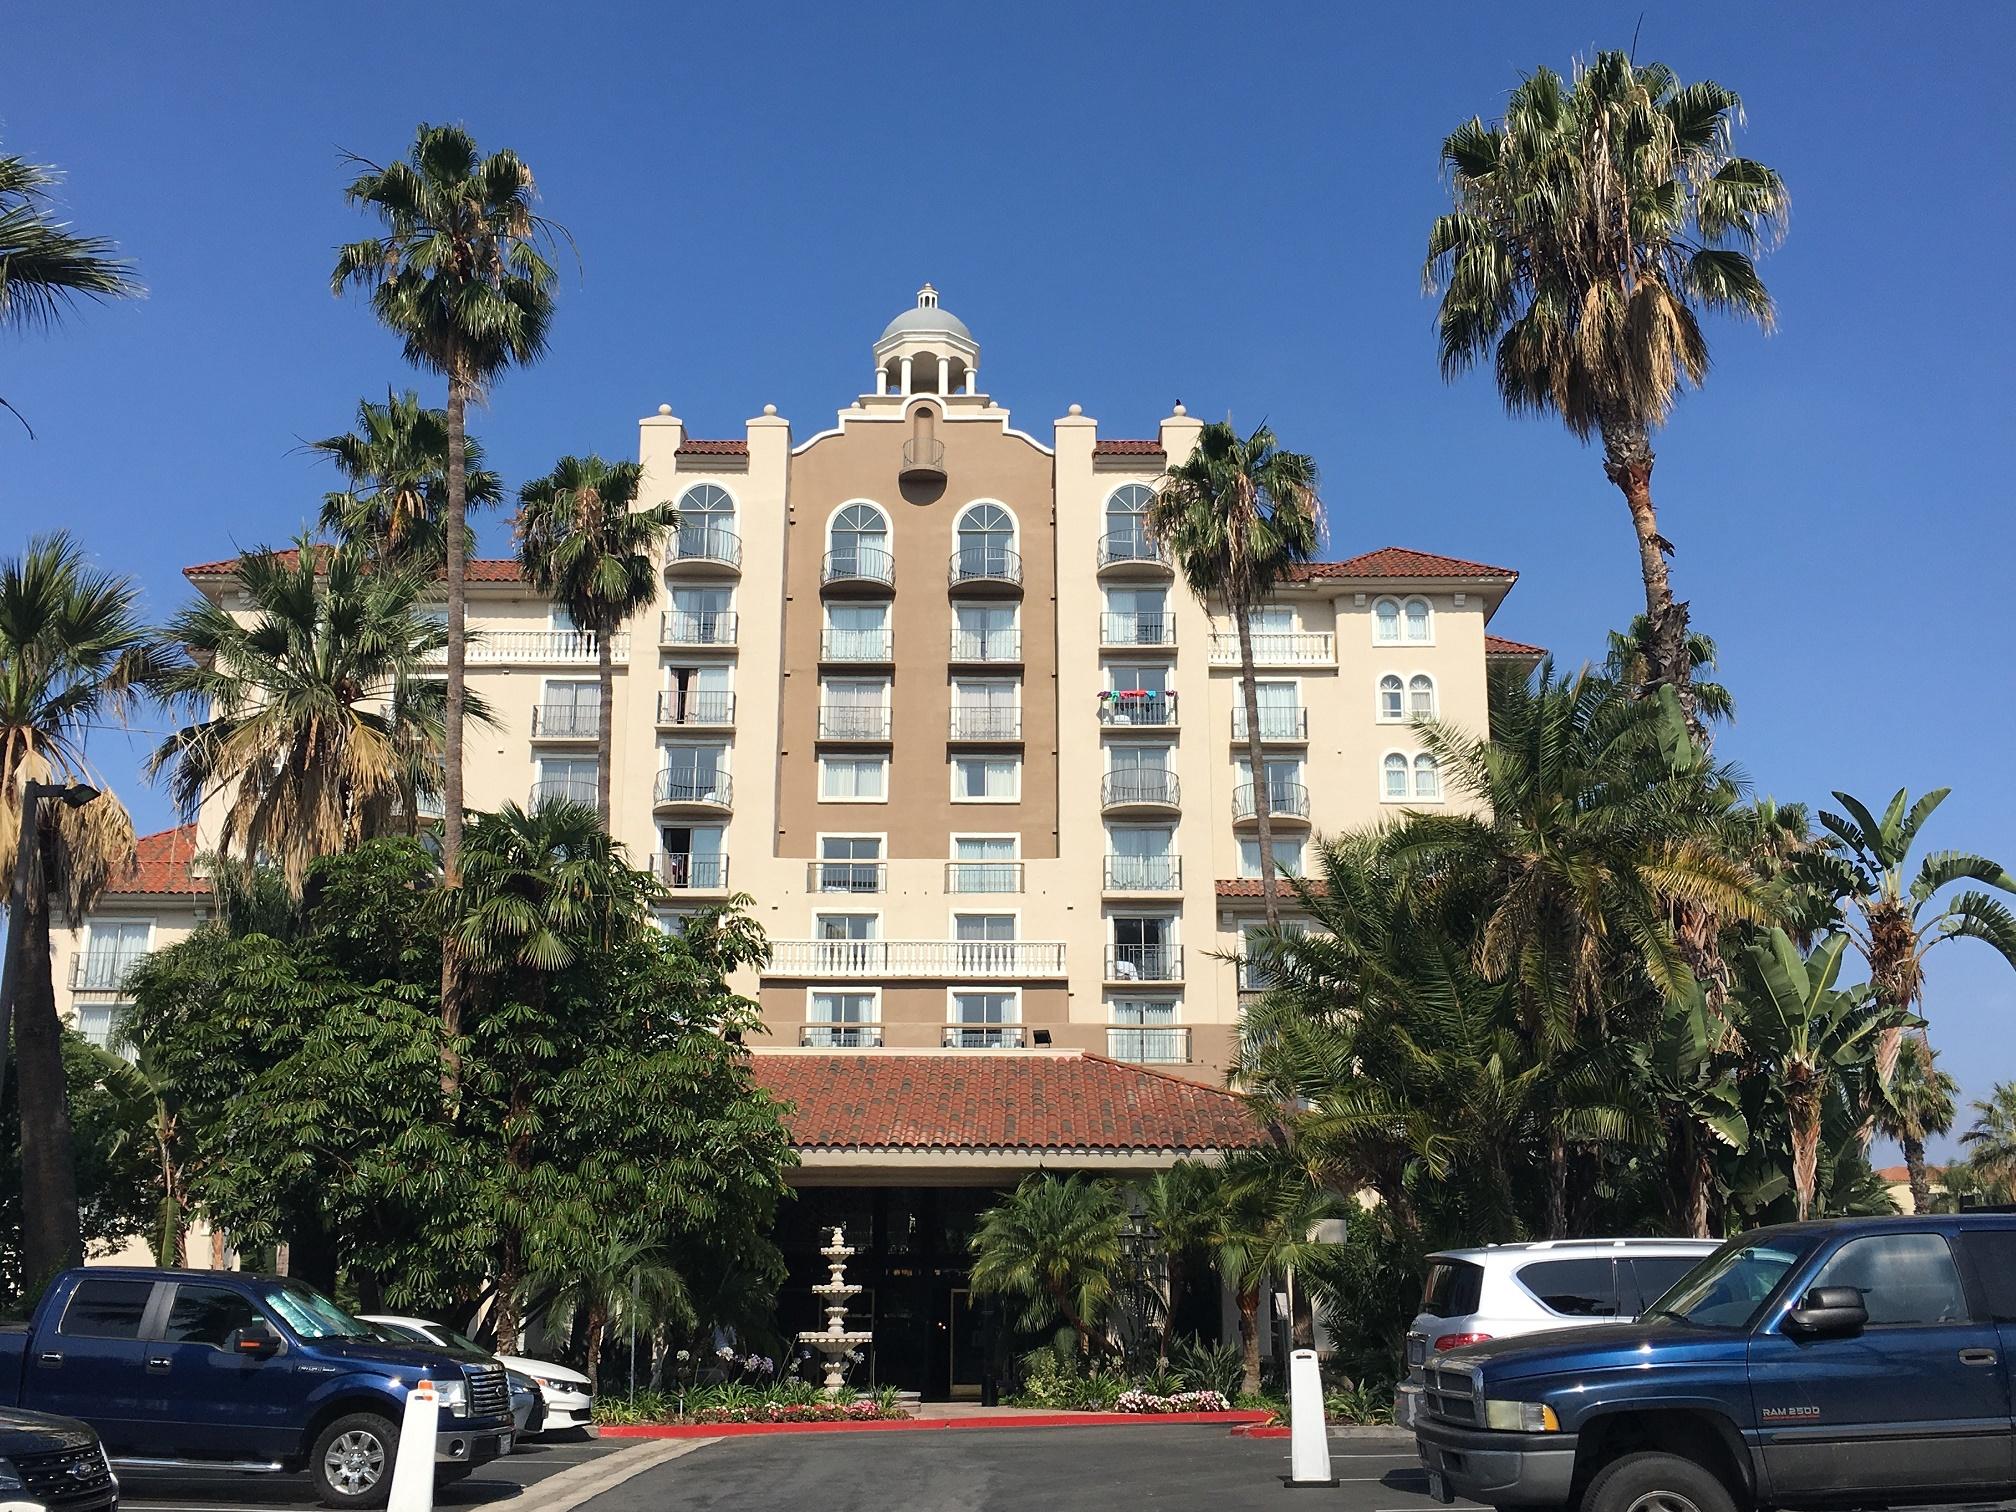 【口コミ】エンバシー・スイーツ バイ ヒルトン アーバイン | 大谷選手観戦やディズニーランドへの拠点となるホテル